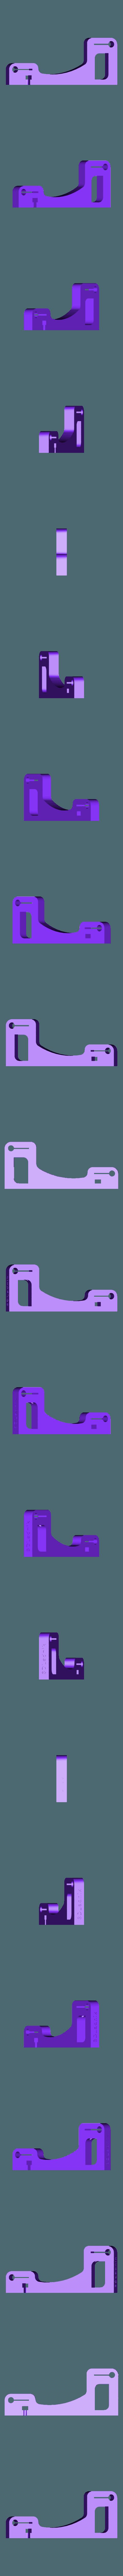 SpHl-01-6.STL Télécharger fichier STL gratuit Porte-bobine universel • Modèle à imprimer en 3D, 3DLadnik